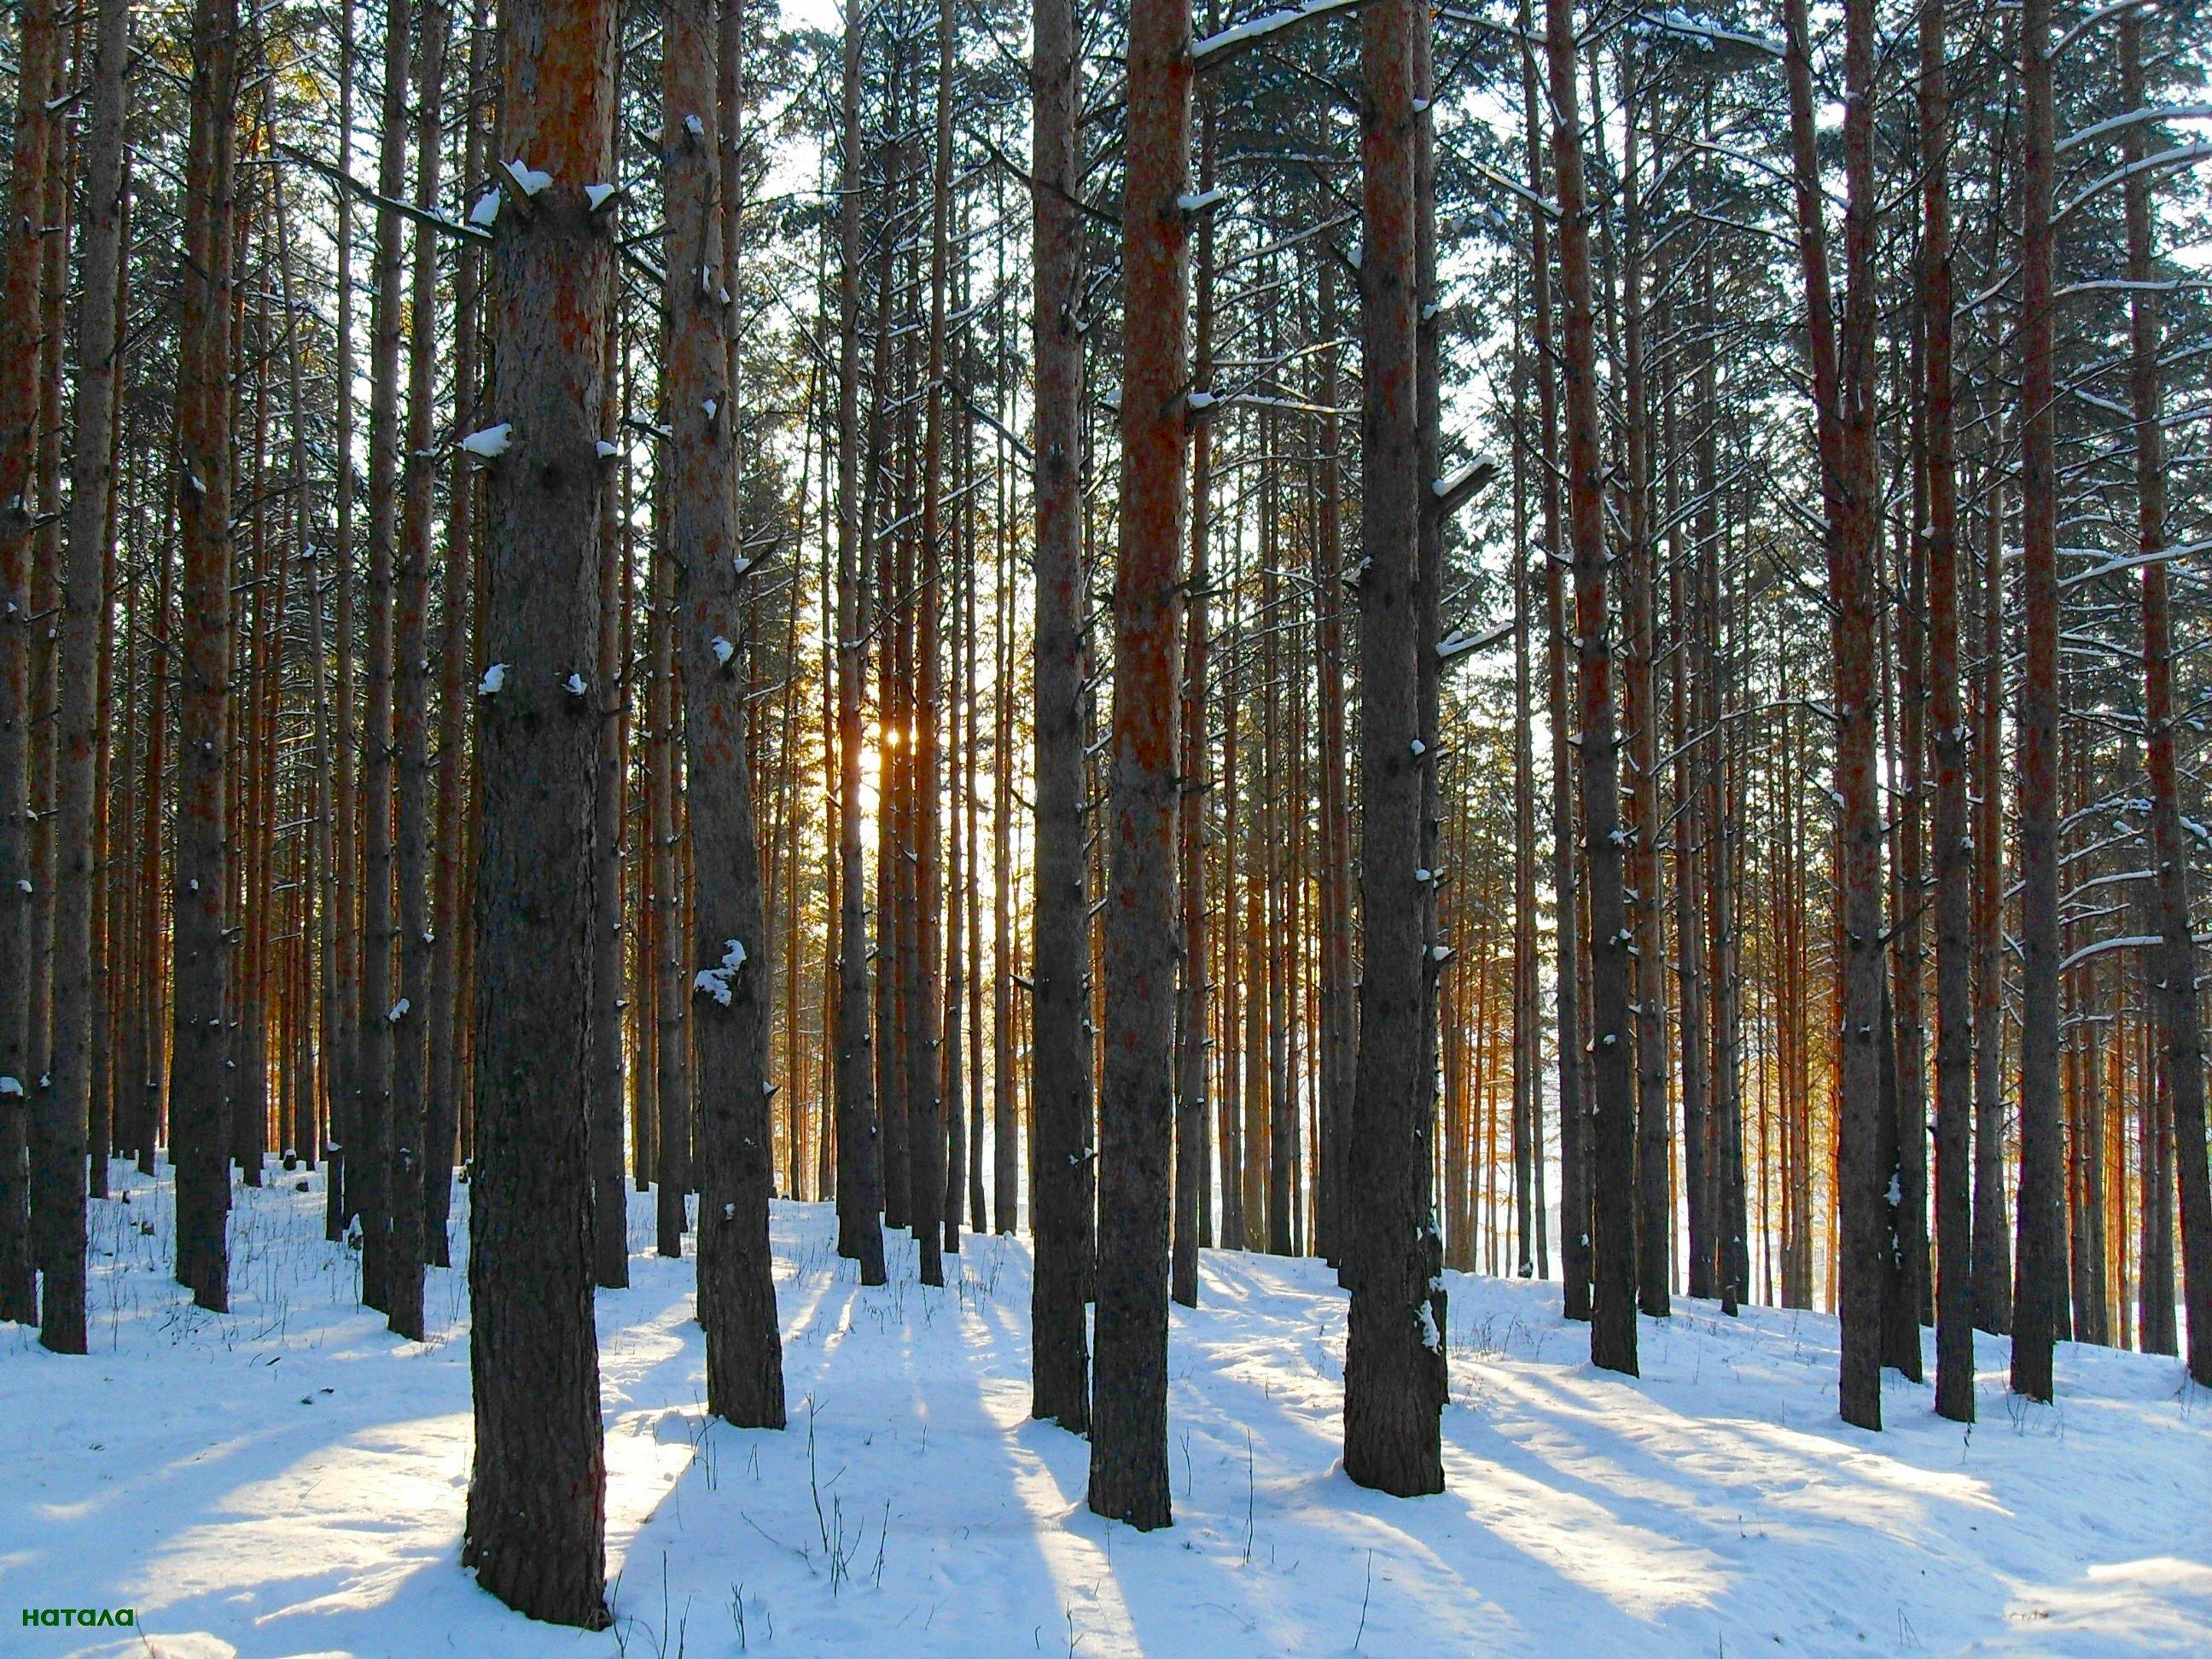 поверхности появляются зимние фотографии в сосновом лесу сленге профессиональных